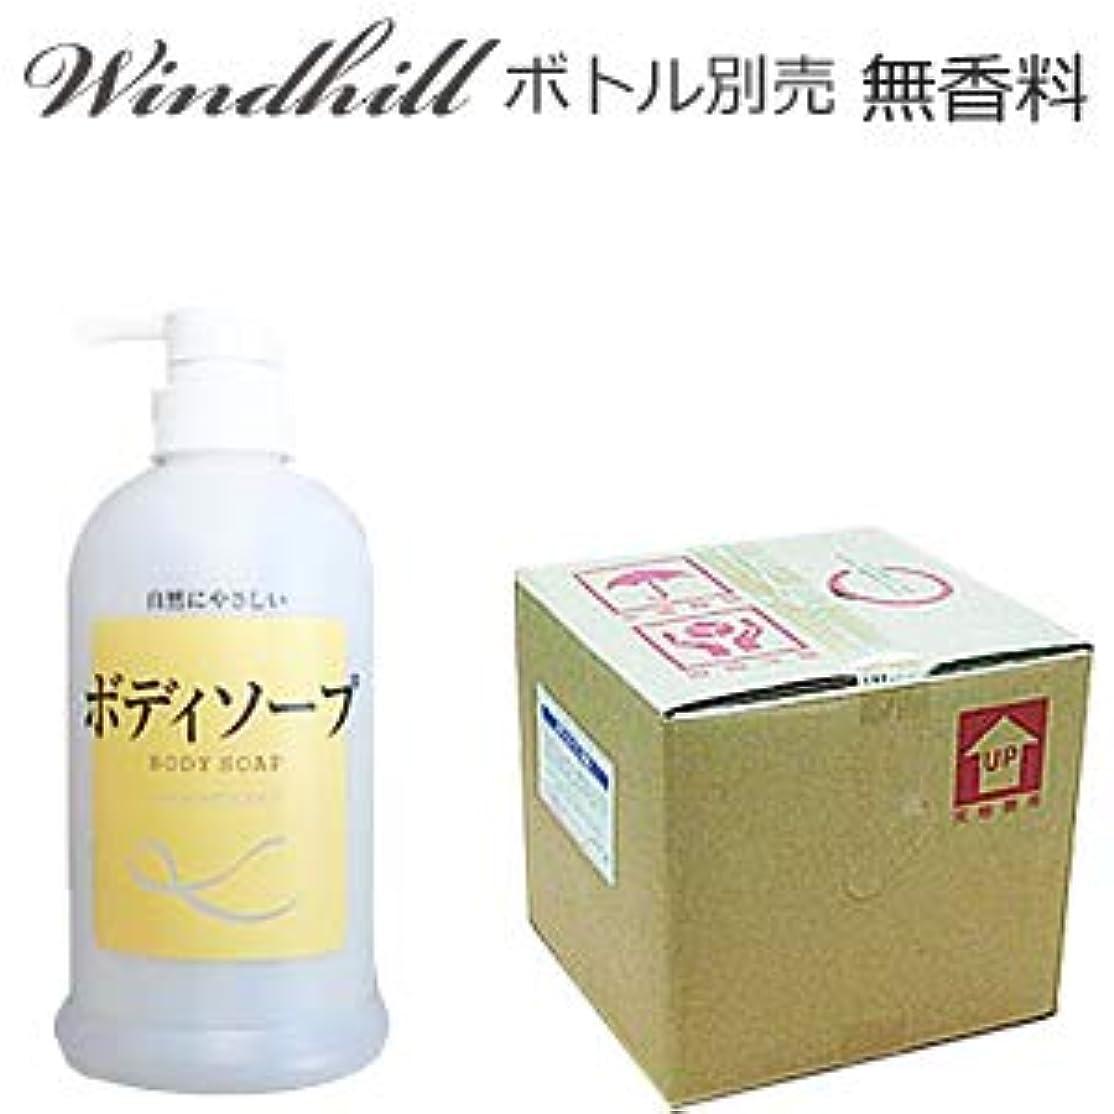 残高モロニック家族Windhill 植物性 業務用ボディソープ 無香料 20L(1セット20L入)